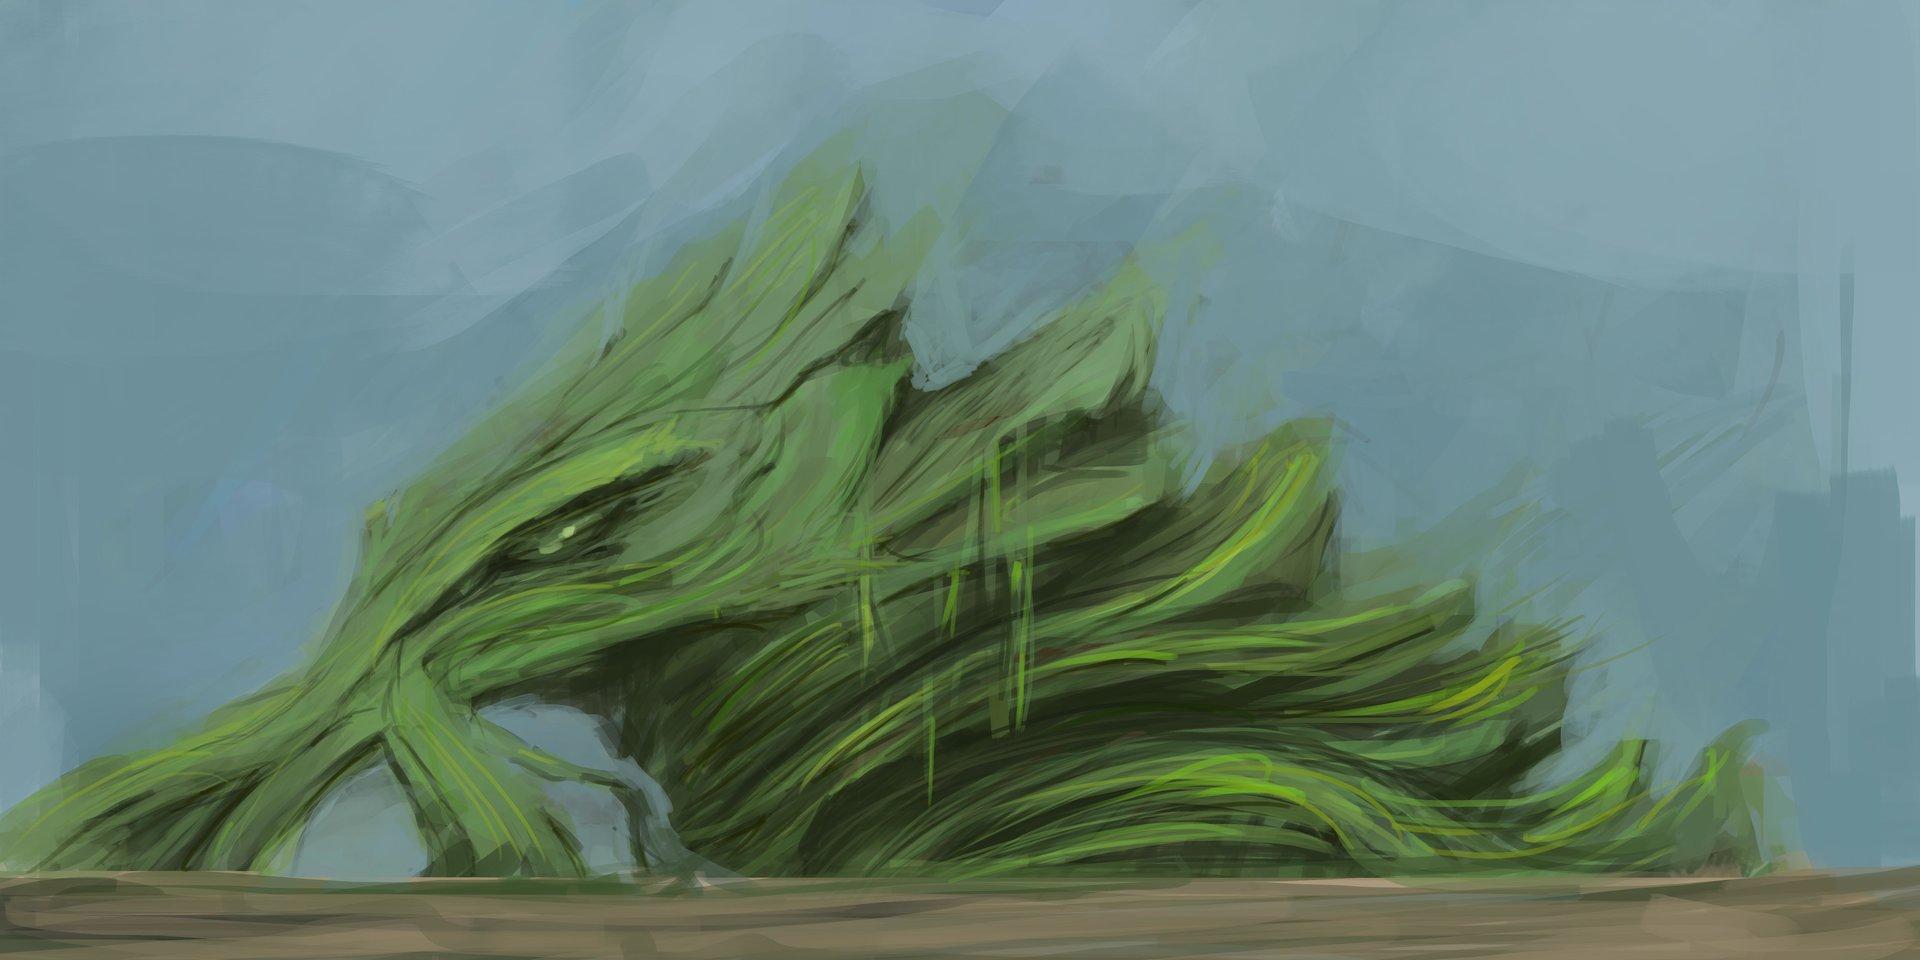 Victor baeza ilustracion nature fantasy